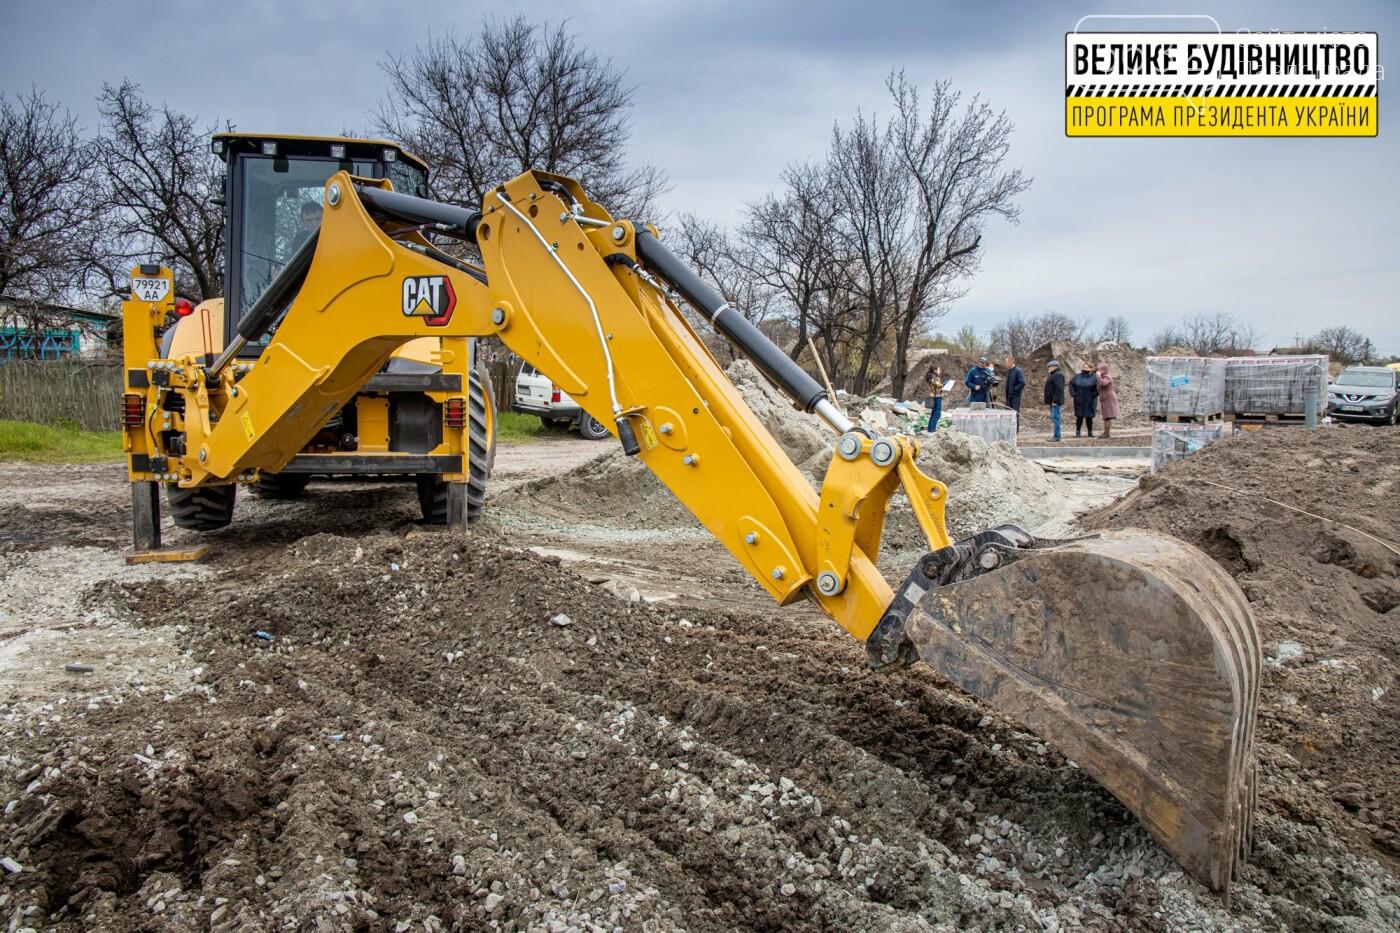 В Богдановке на финишной прямой строительство амбулатории (ФОТО), фото-2